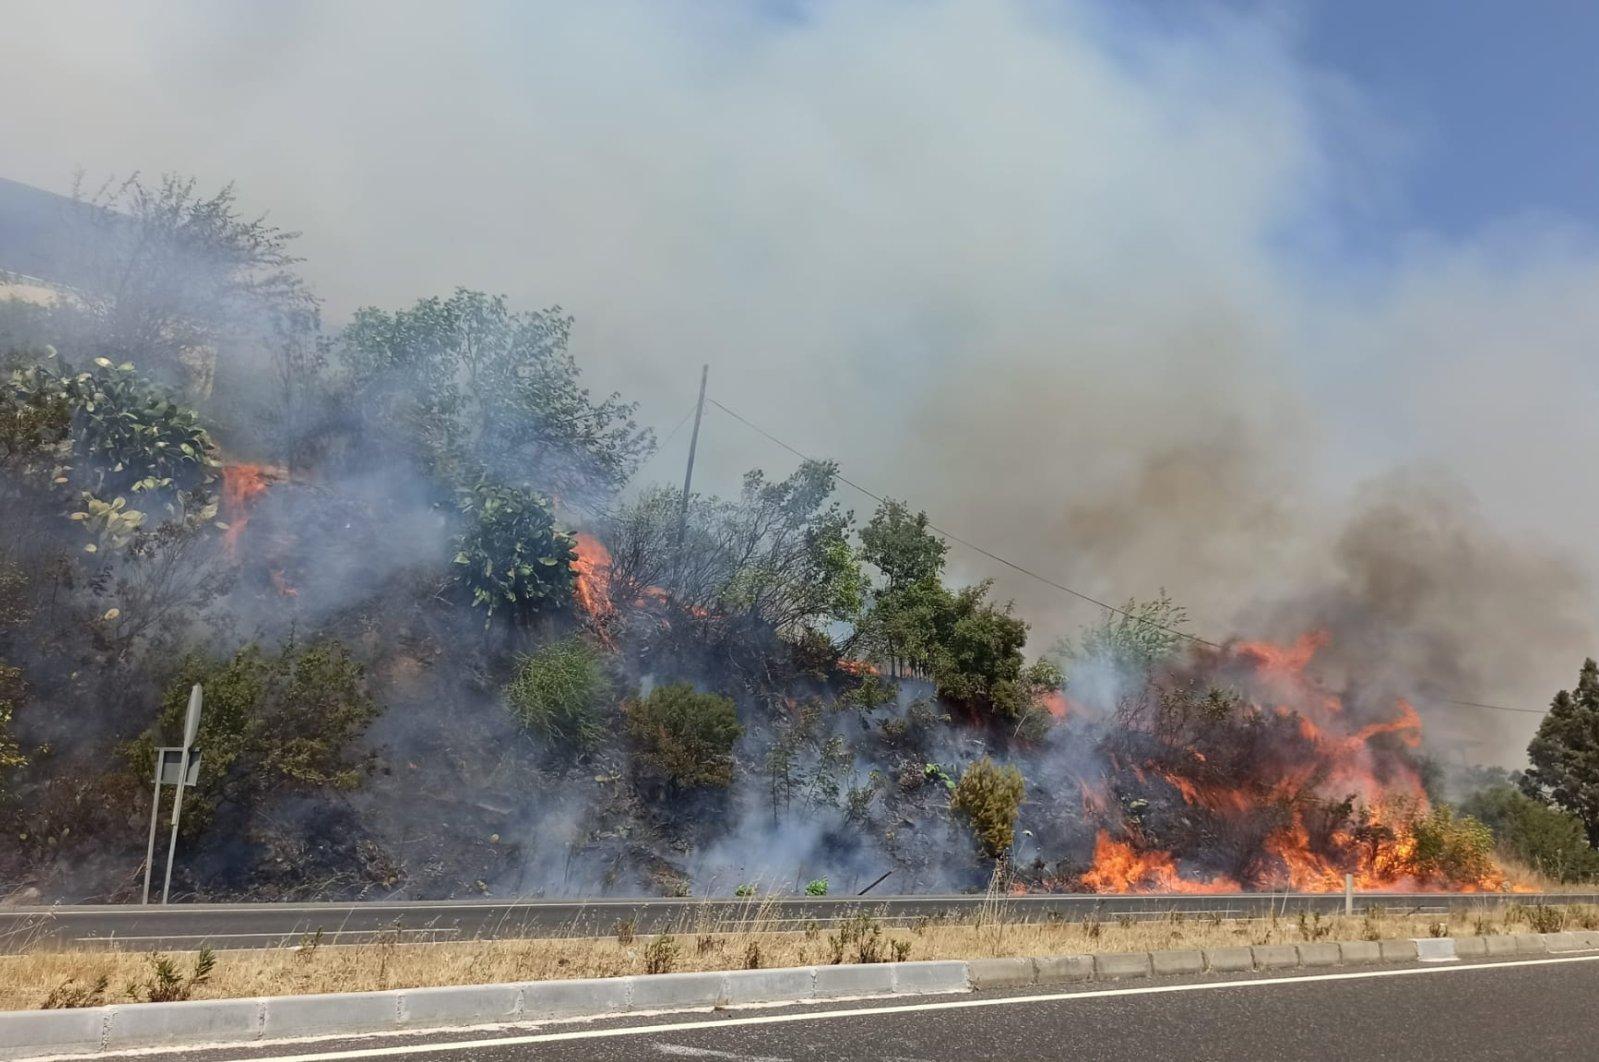 Flames engulf trees on the roadside in Ula district, in Muğla, southwestern Turkey, June 28, 2021. (AA PHOTO)